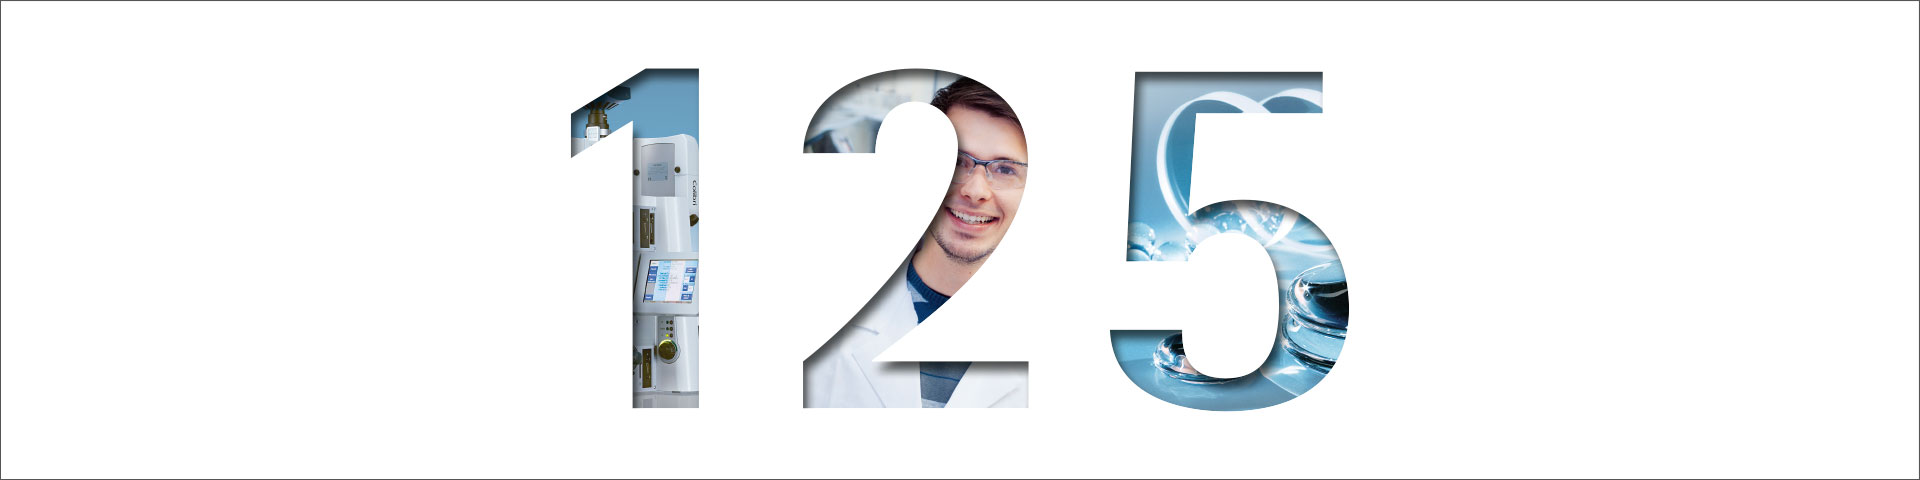 Projekte: carl zeiss stiftung - Logoentwicklung, Geschäftsausstattung, Flyer, Website